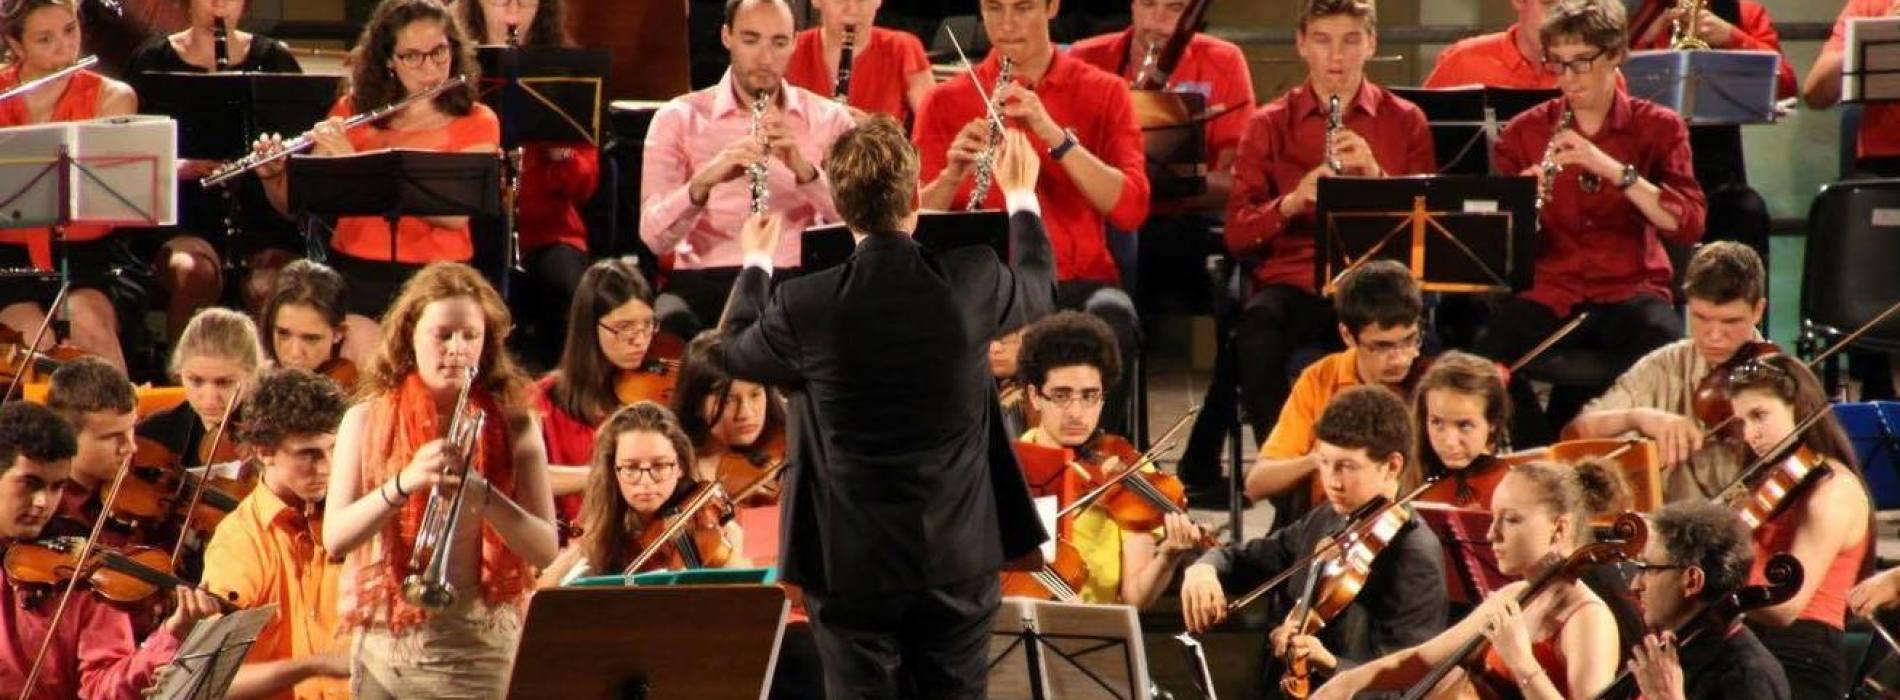 Il Settecento musicale napoletano e la precisione svizzera. Appuntamento nella Cappella Palatina della Reggia di Caserta